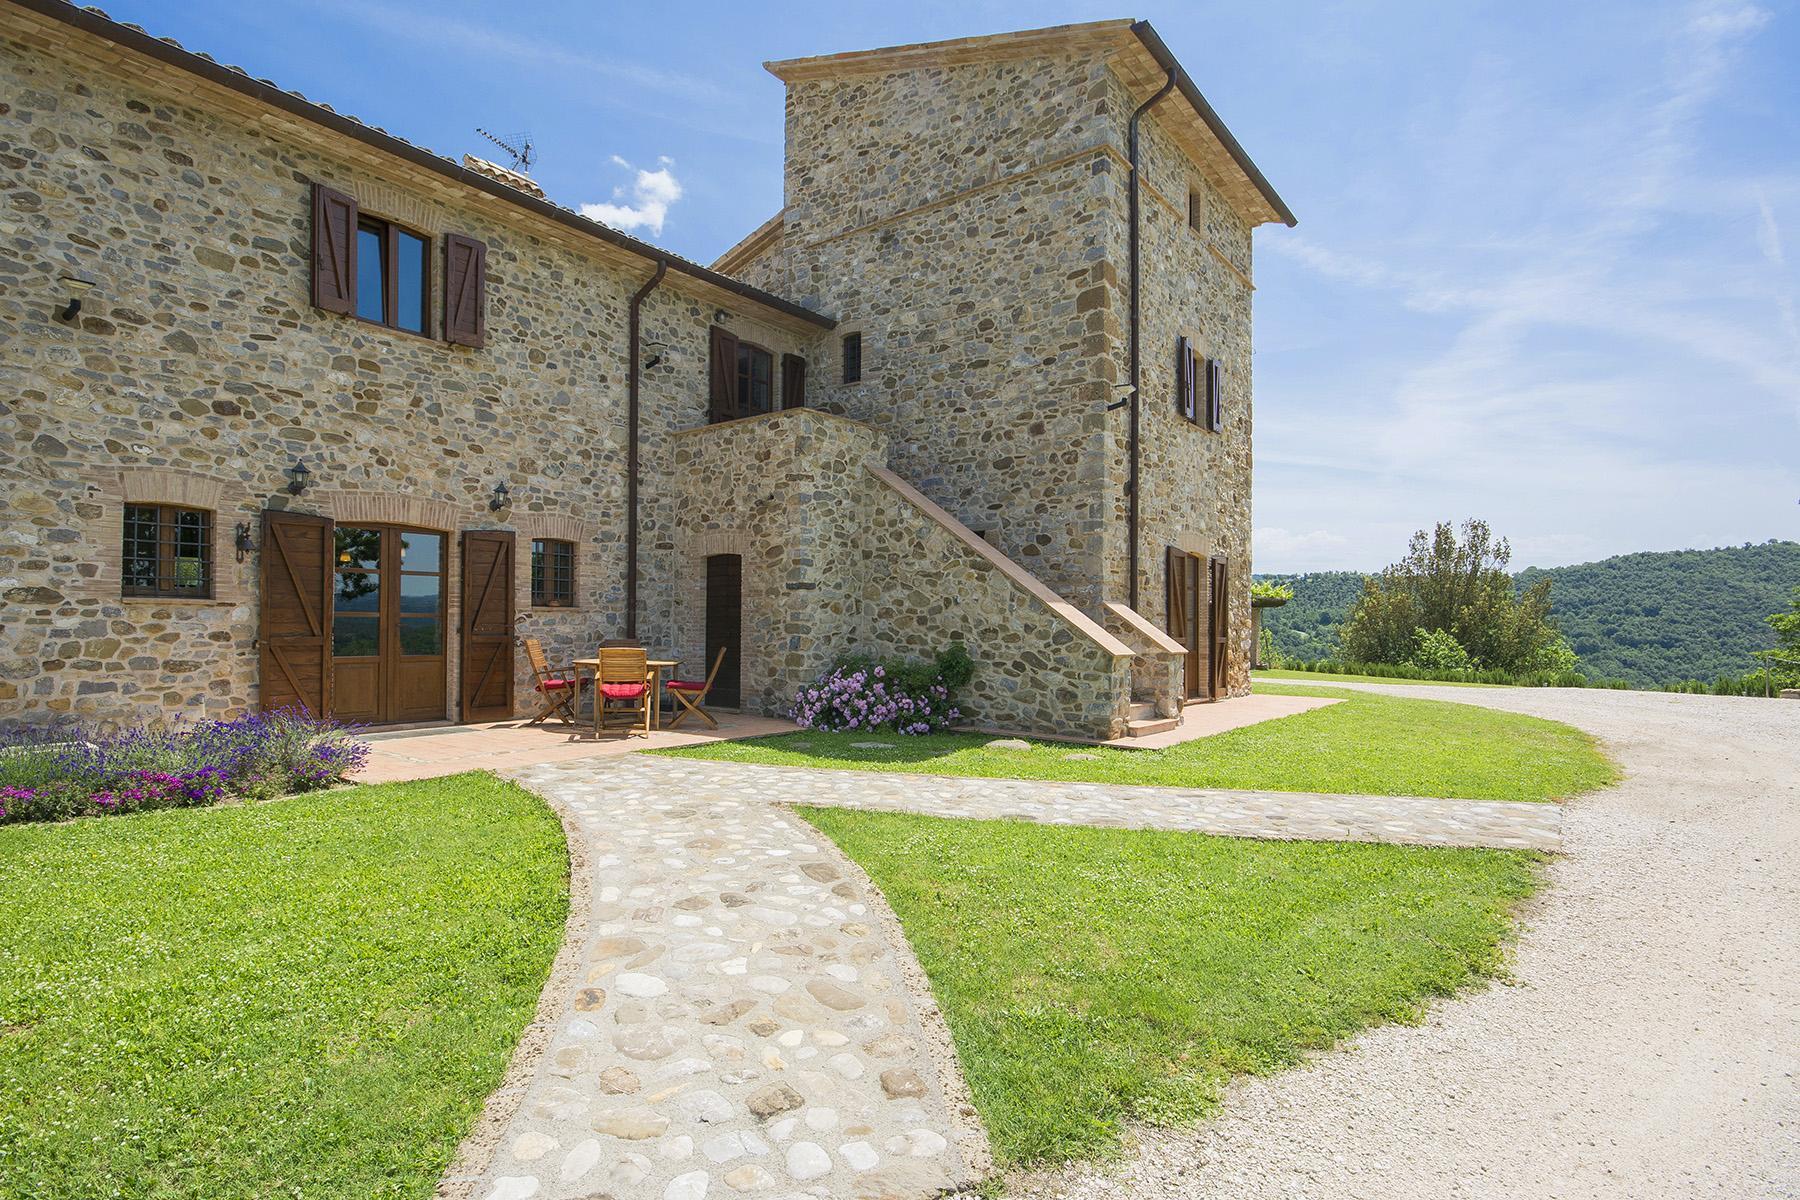 Исключительная собственность между Тосканой и Умбрией - 1